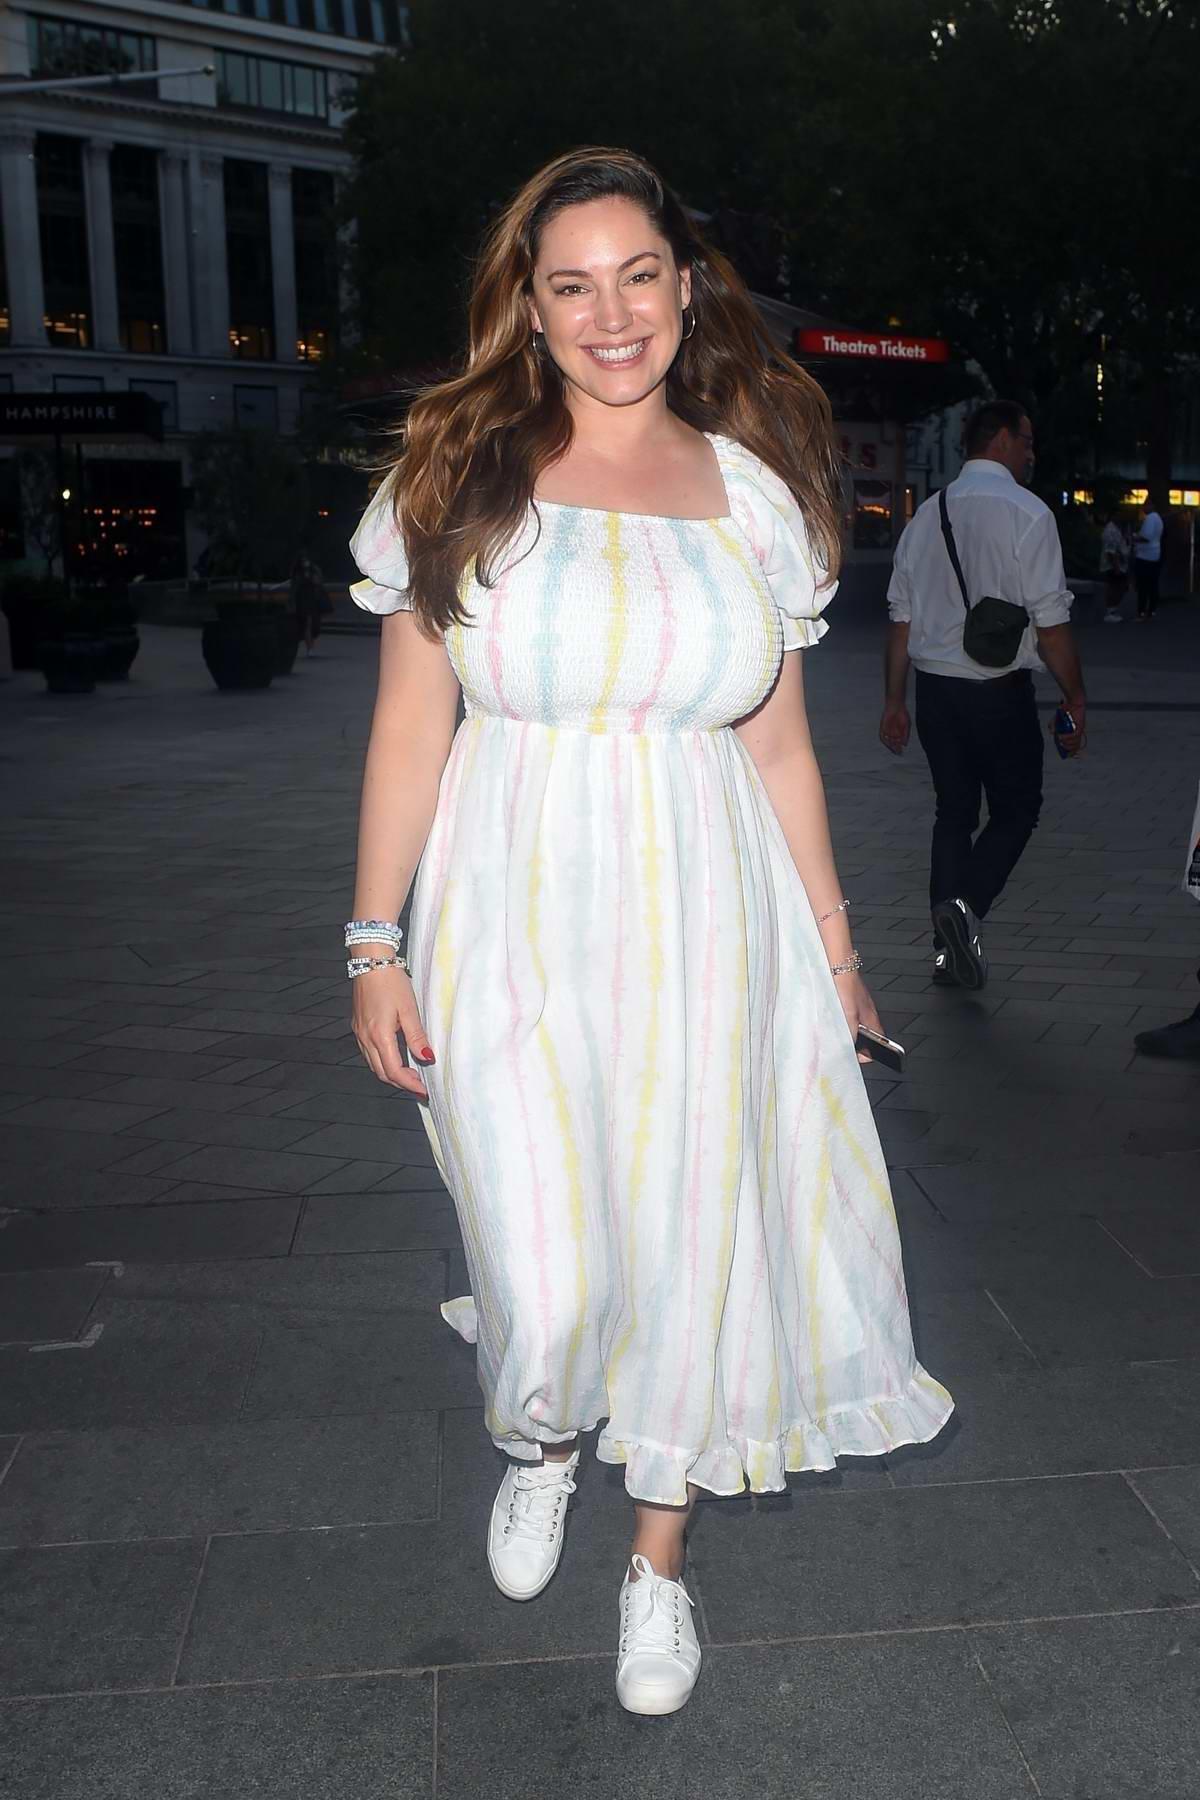 Kelly Brook looks radiant in white while leaving Global Radio Studios in London, UK